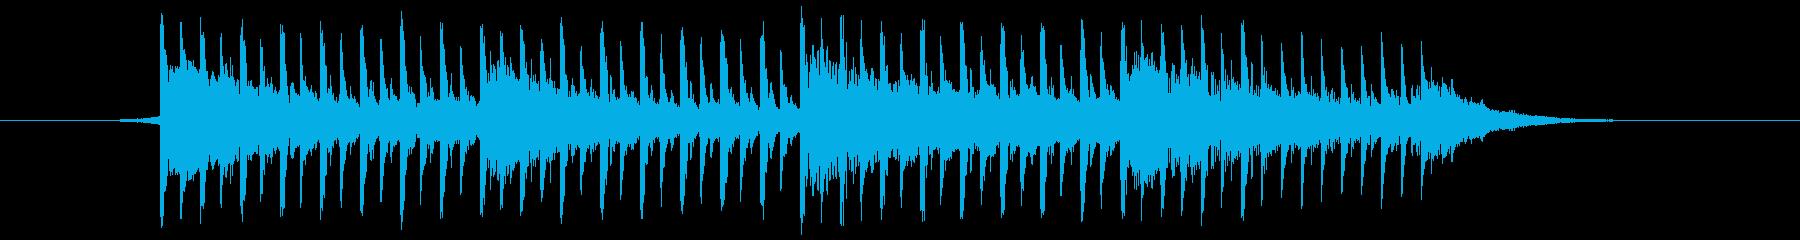 これはインタビュー(30秒)の再生済みの波形